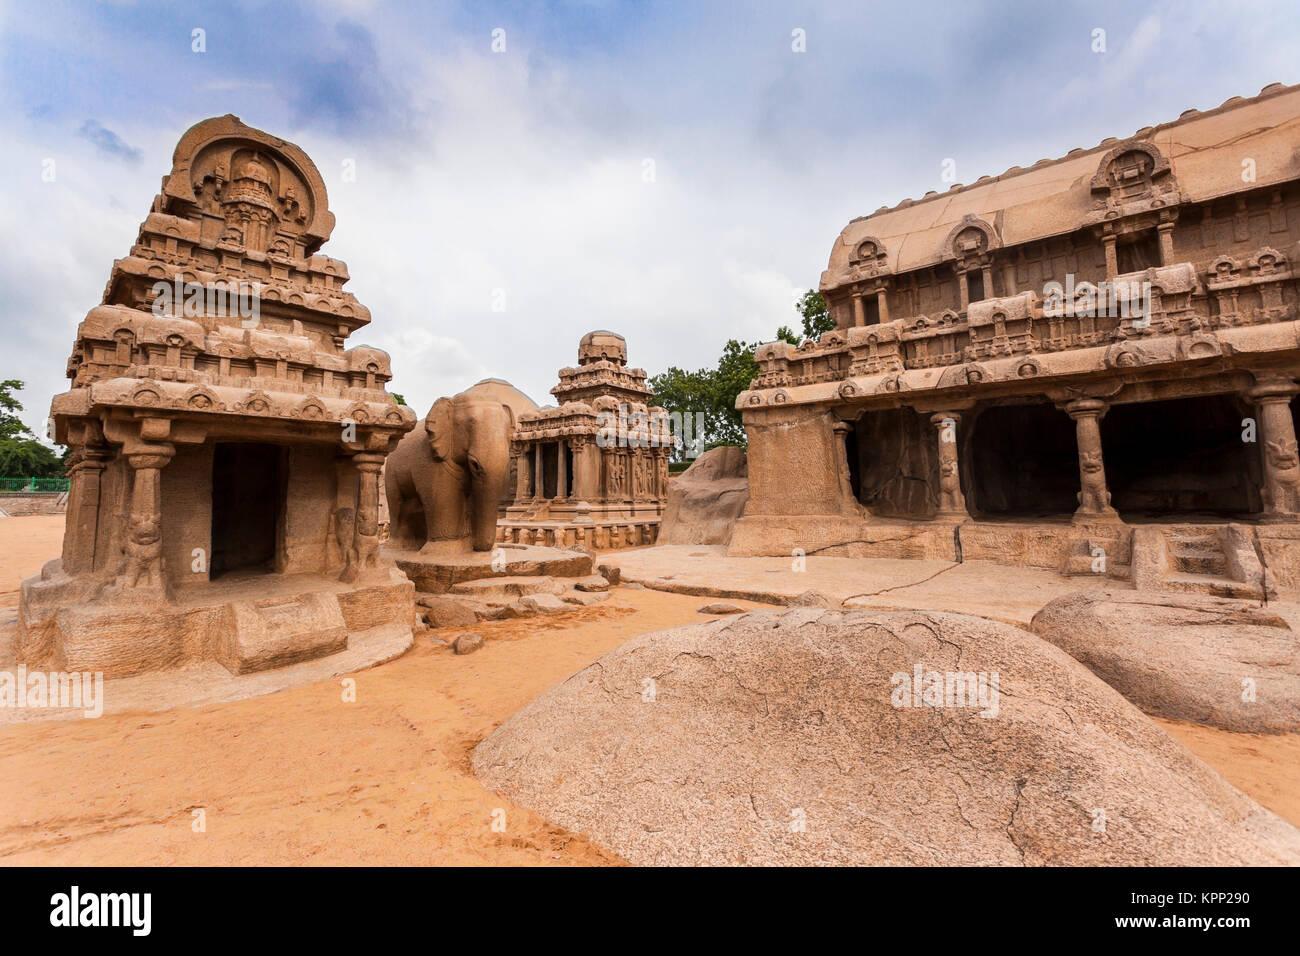 Asia, India, Tamil Nadu, Mamallapuram,Five Rathas - Stock Image